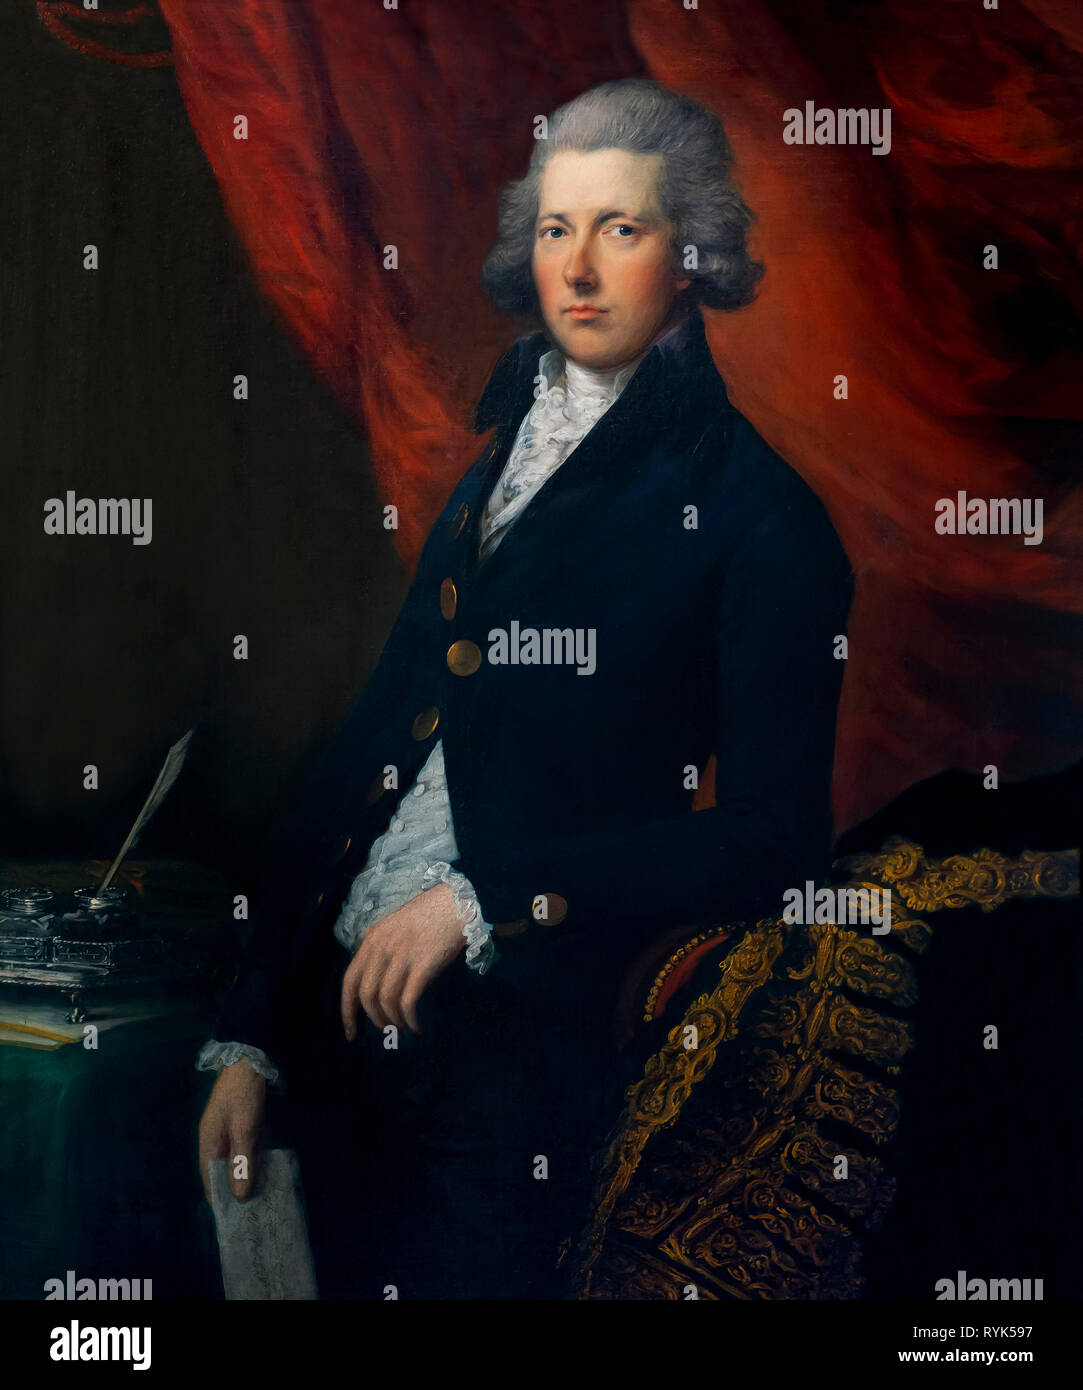 Le Très Honorable William Pitt le Jeune, Gainsborough Dupont et Thomas Gainsborough, vers 1787-1790, Photo Stock